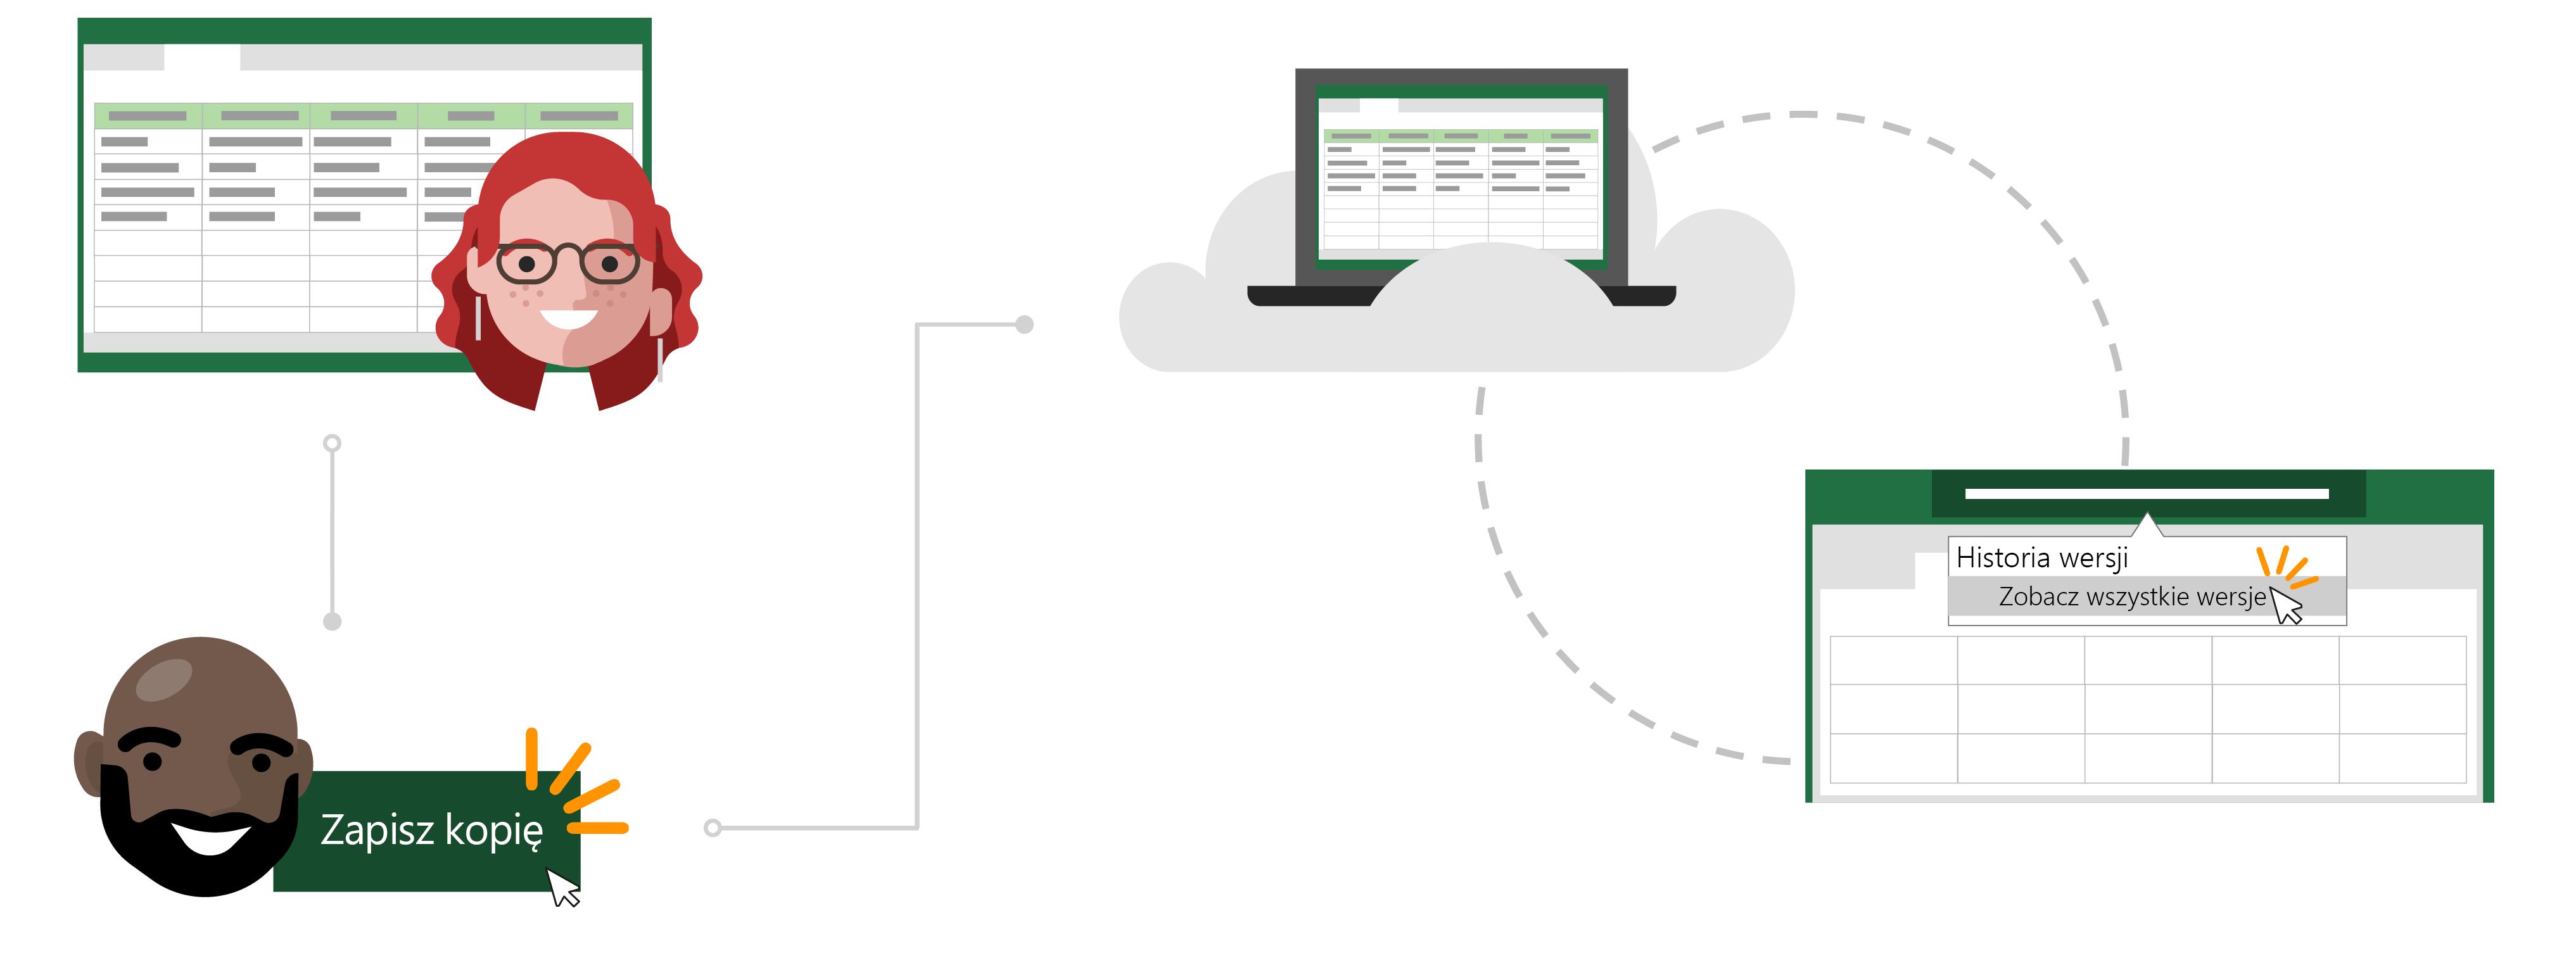 Użycie istniejącego pliku w chmurze jako szablonu dla nowego pliku za pomocą Zapisz kopię.